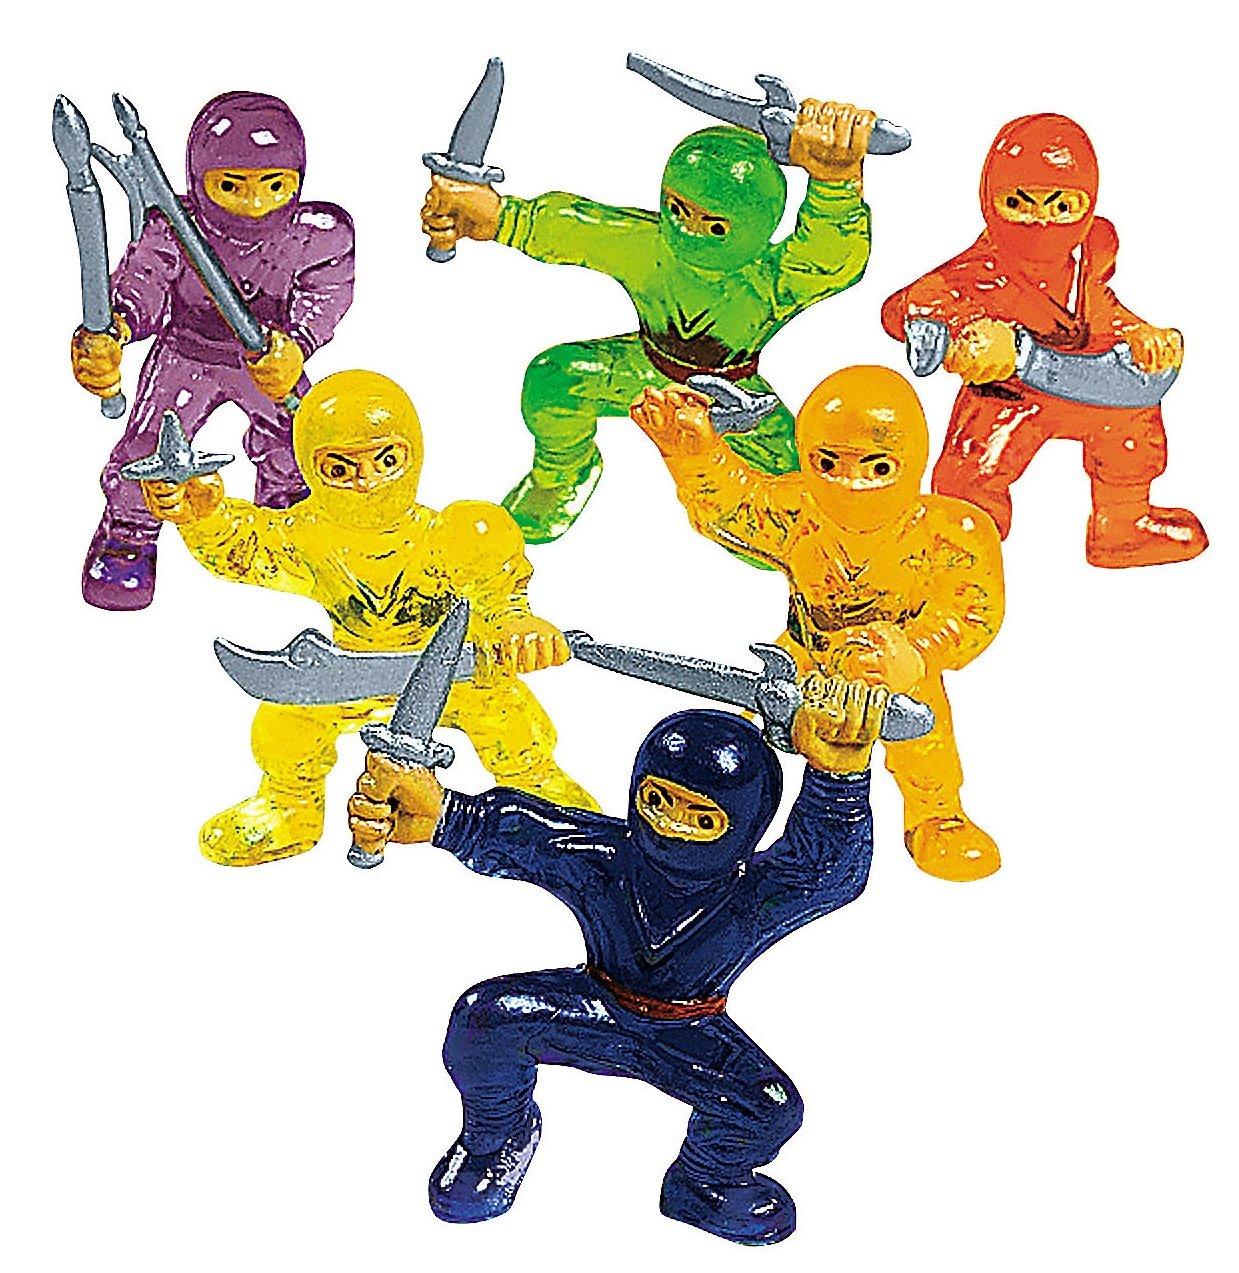 Ninja Warrior Toy Figures (4 dz): Amazon.es: Juguetes y juegos